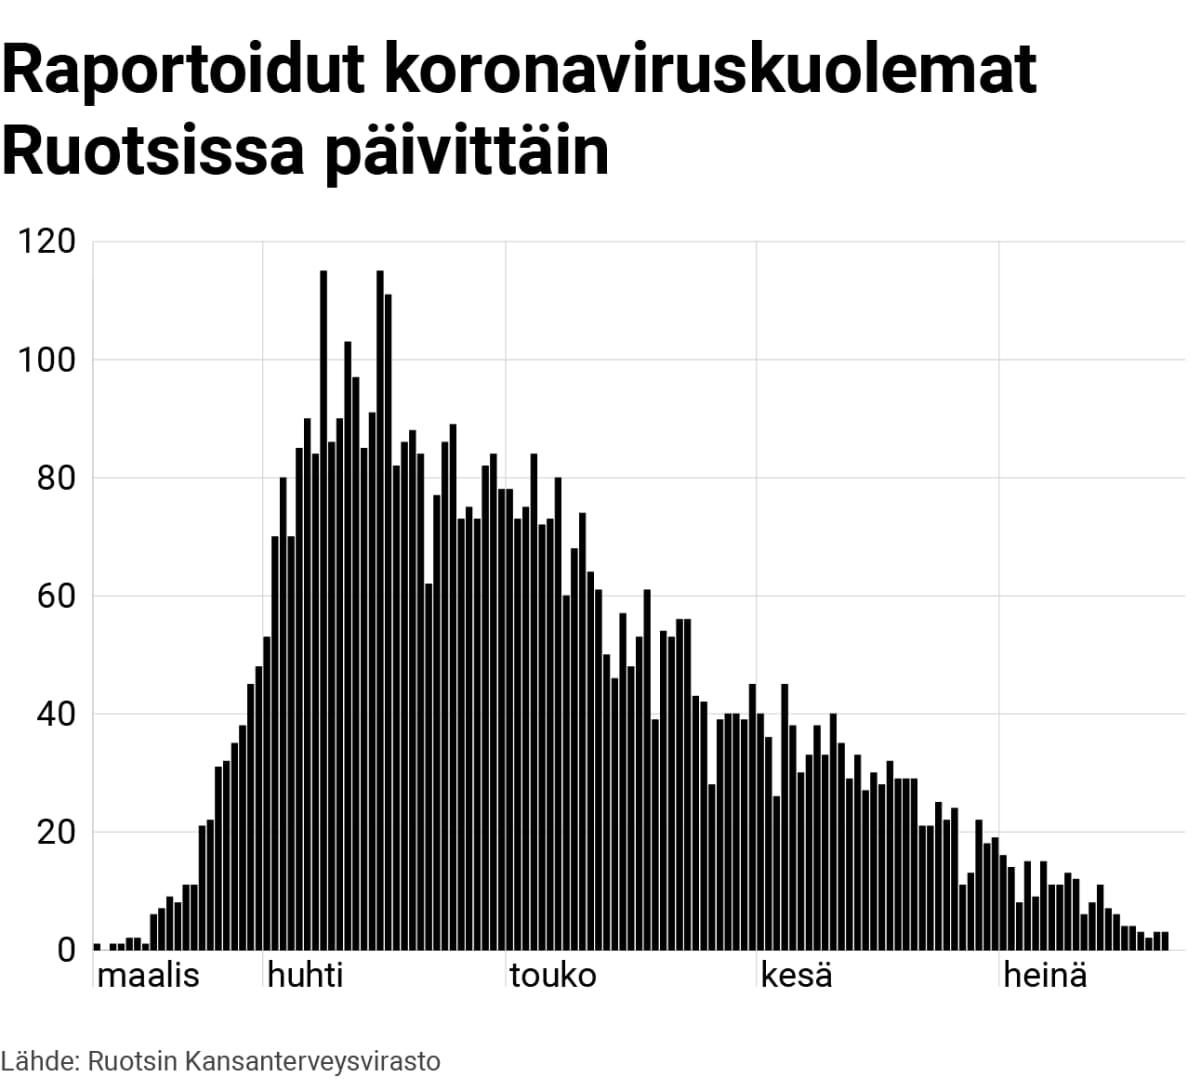 Grafiikka: Raportoidut koronaviruskuolemat Ruotsissa päivittäin